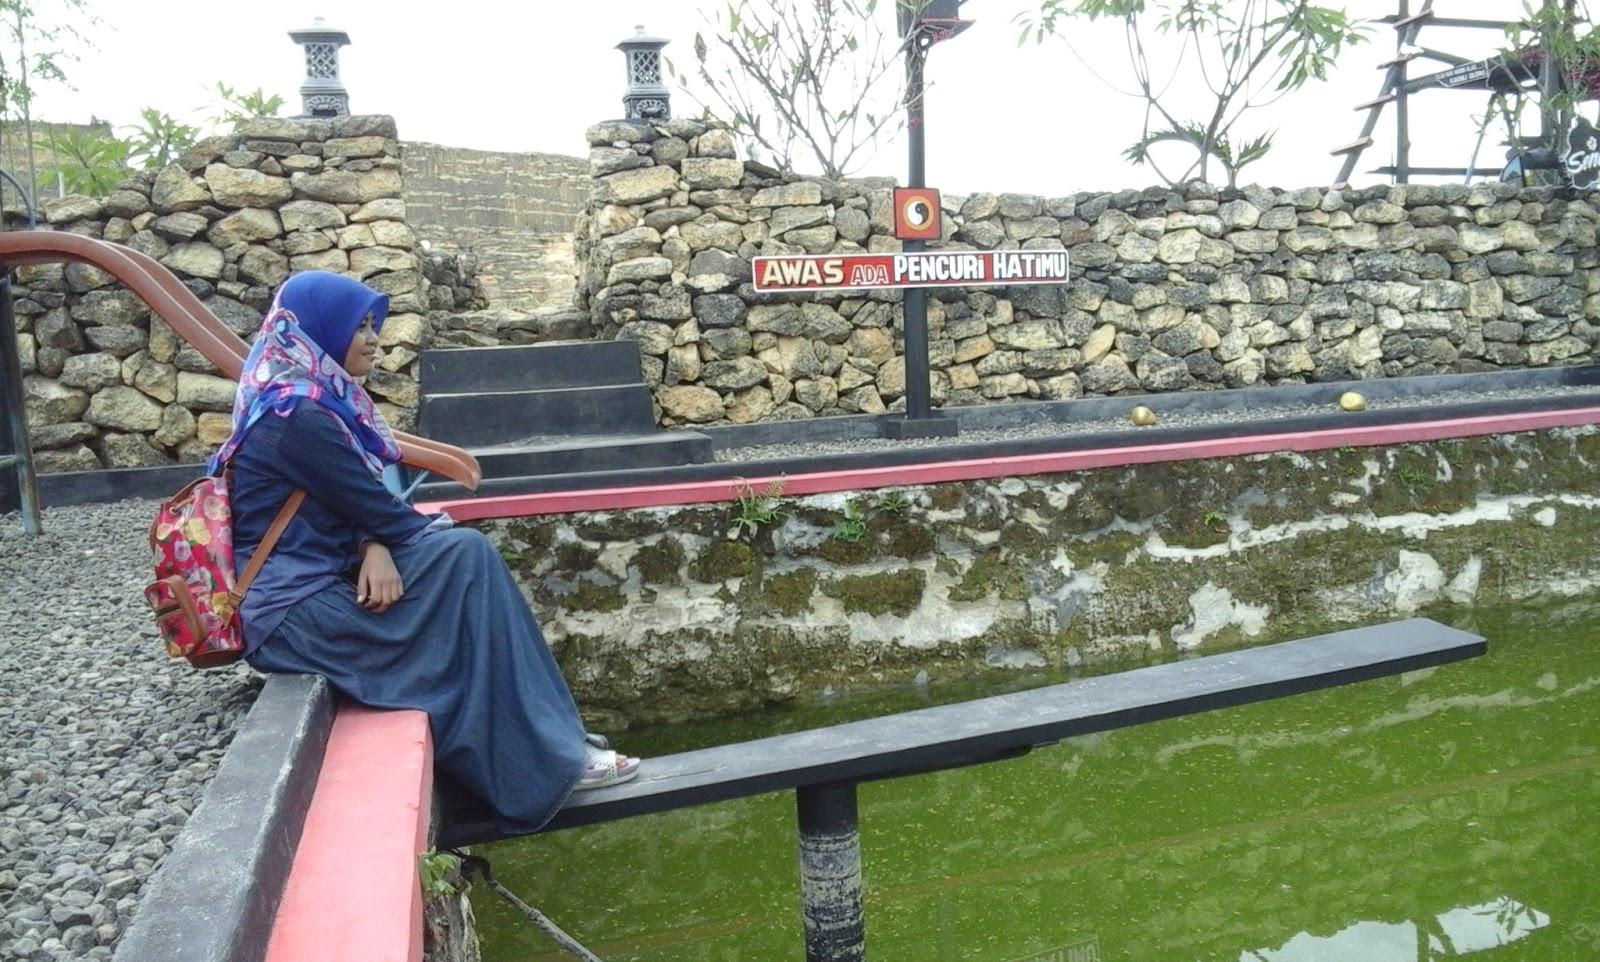 Pariwisata Tugu Mantup Lamongan Jawa Timur Gunung Emas 27 Dijamin